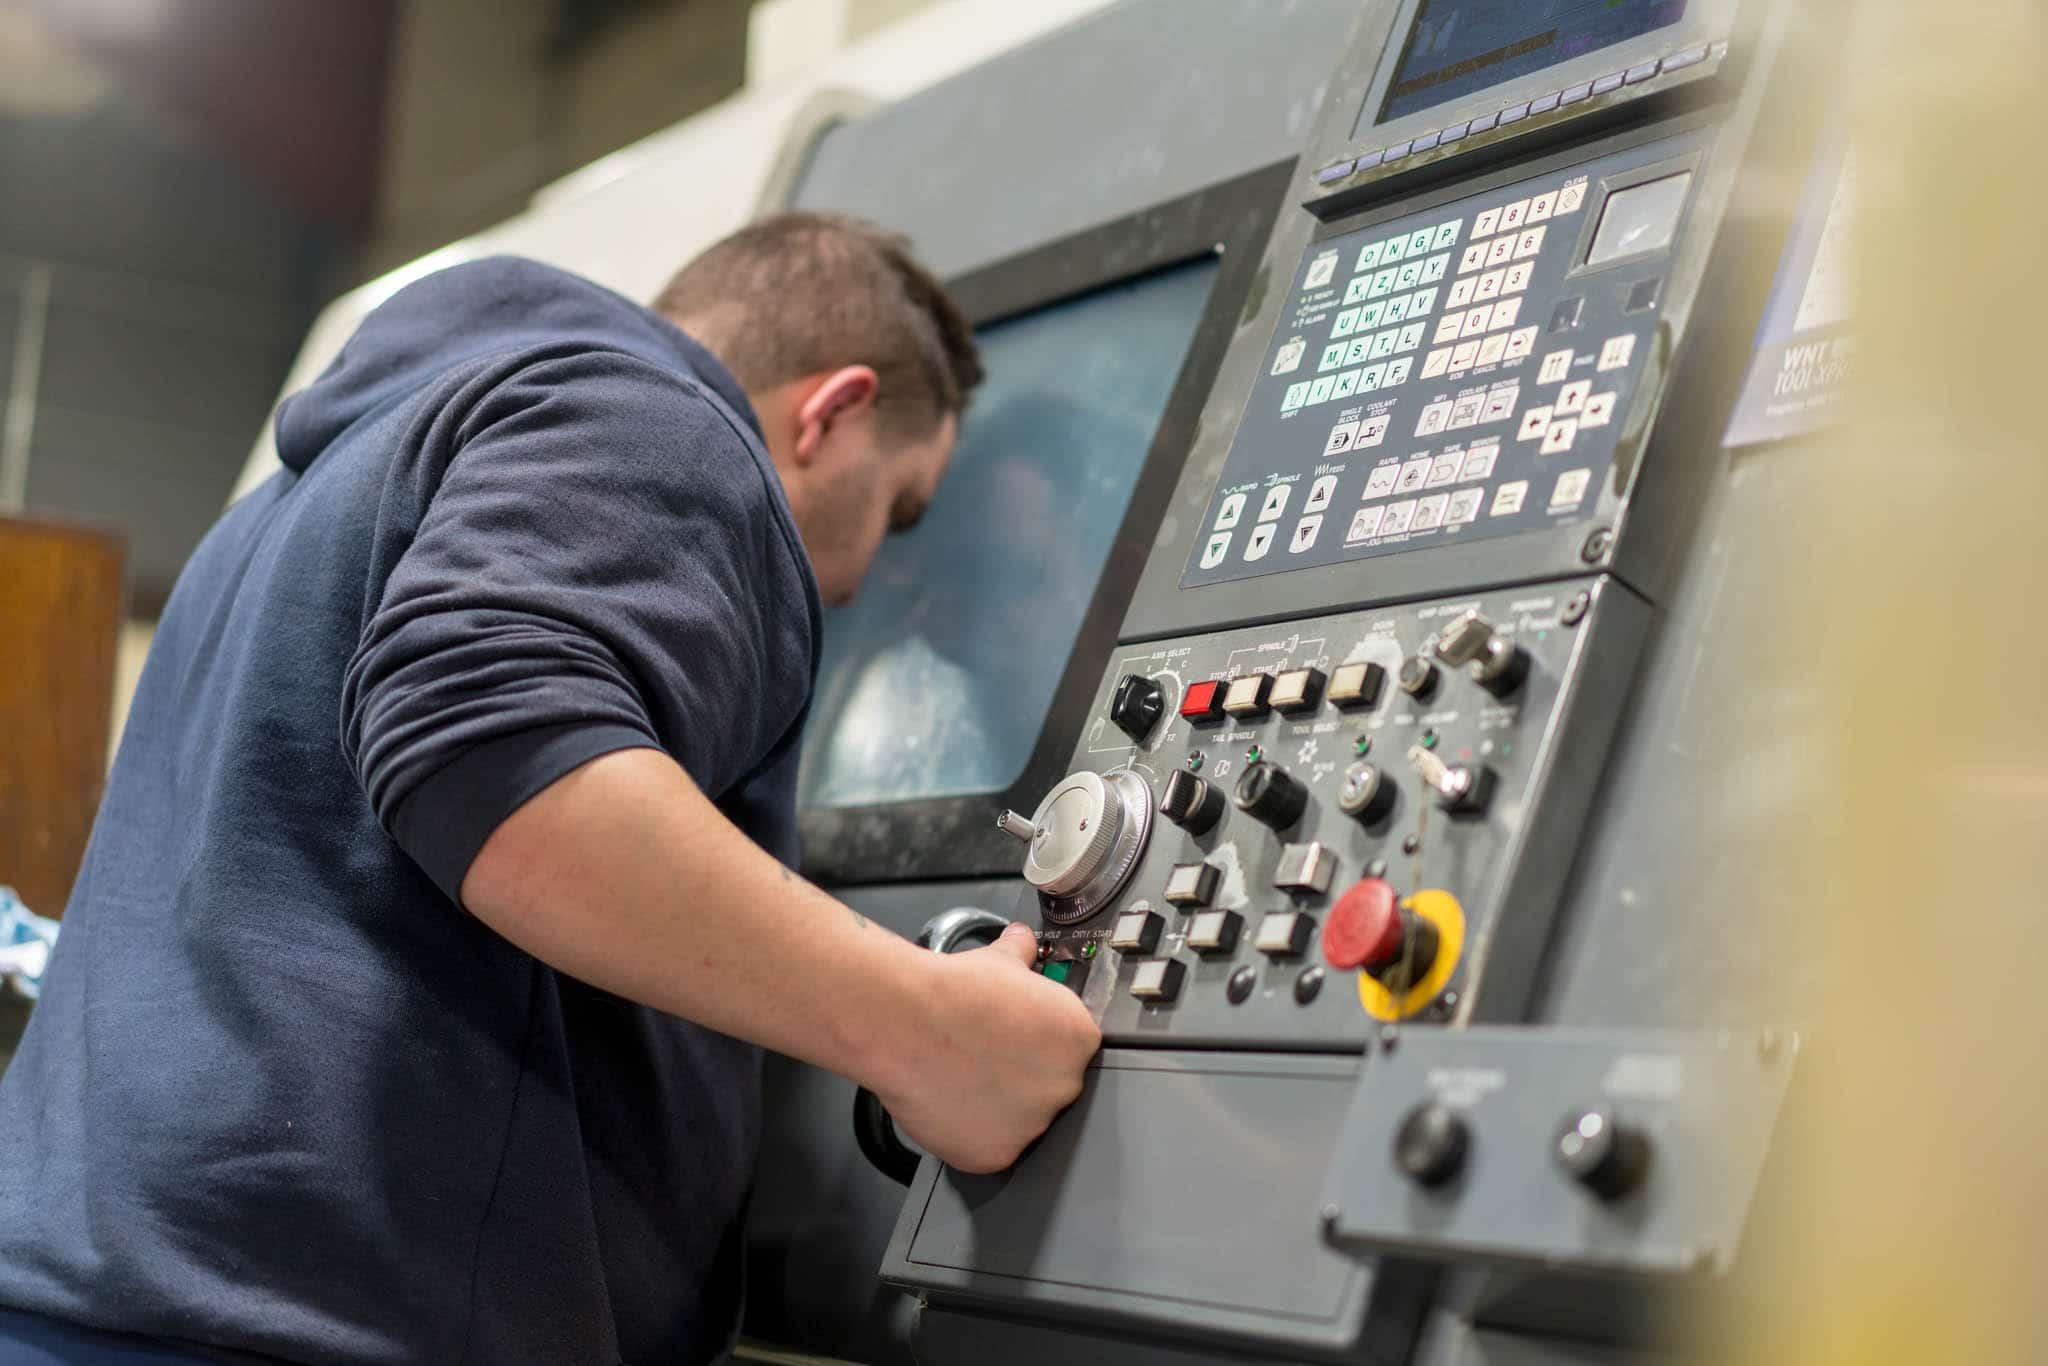 Man looking at machinery